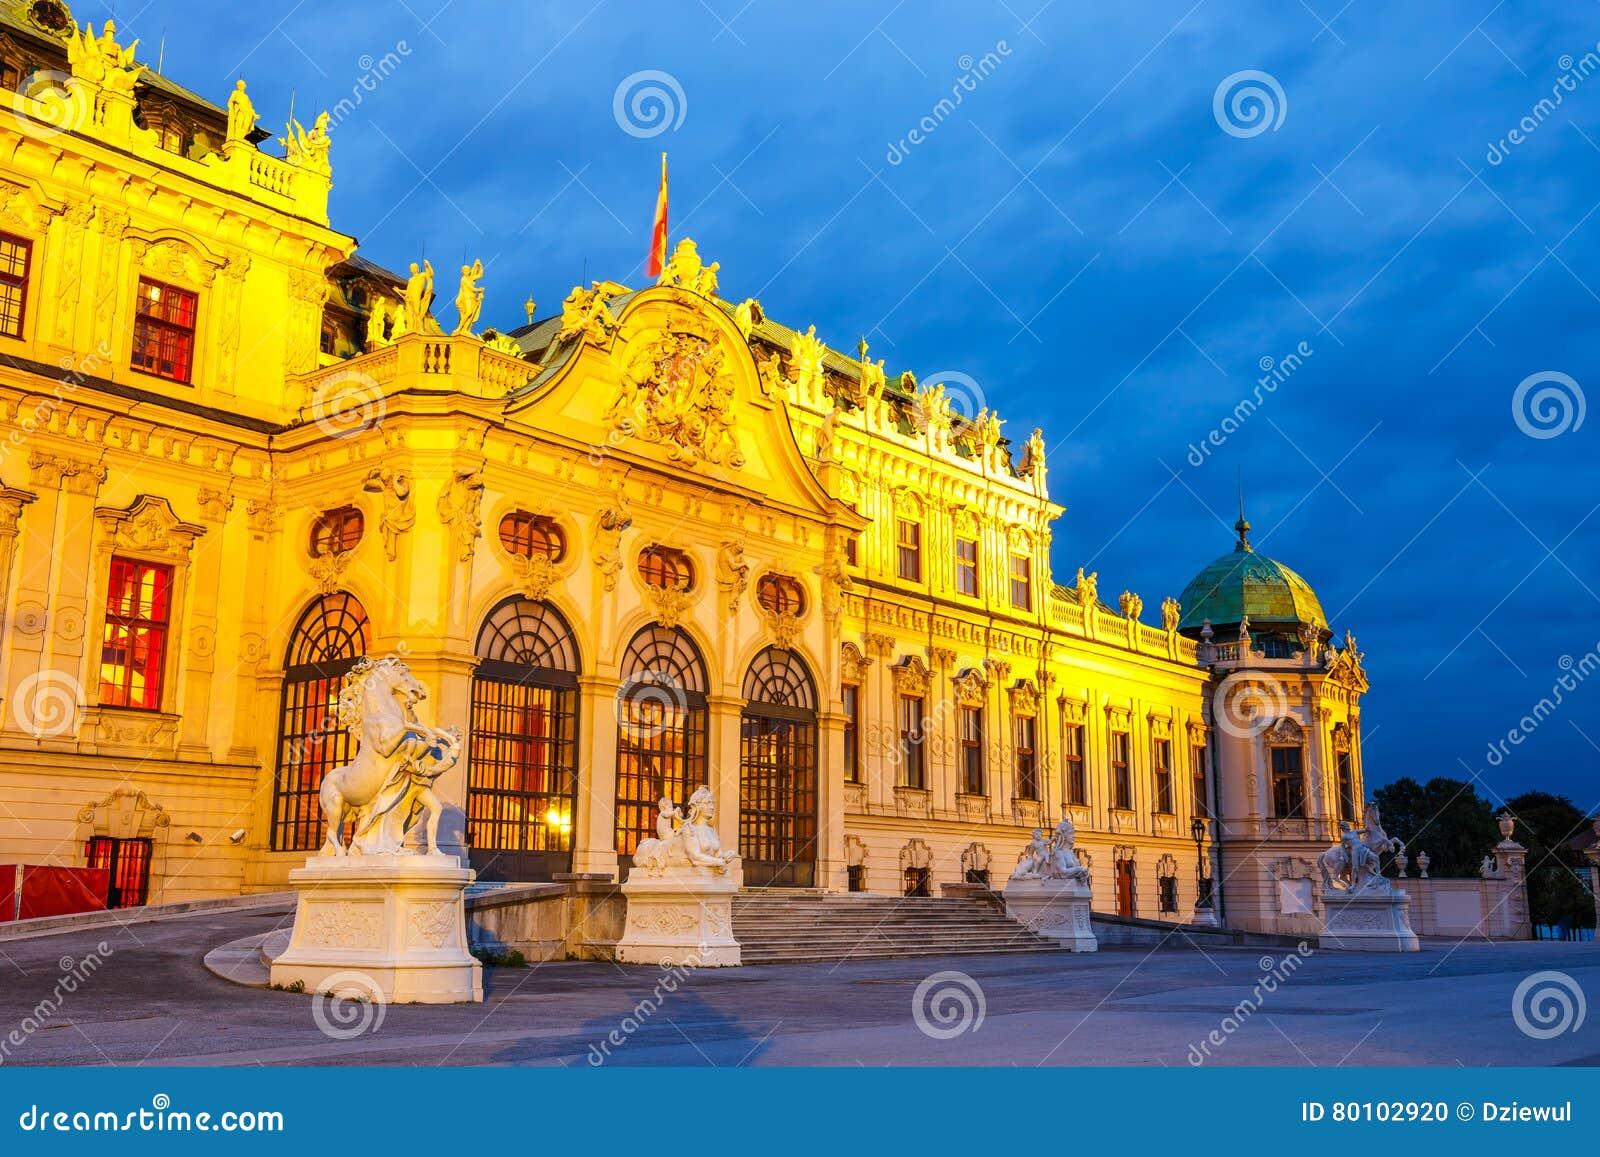 Opinião da noite do palácio do Belvedere em Viena